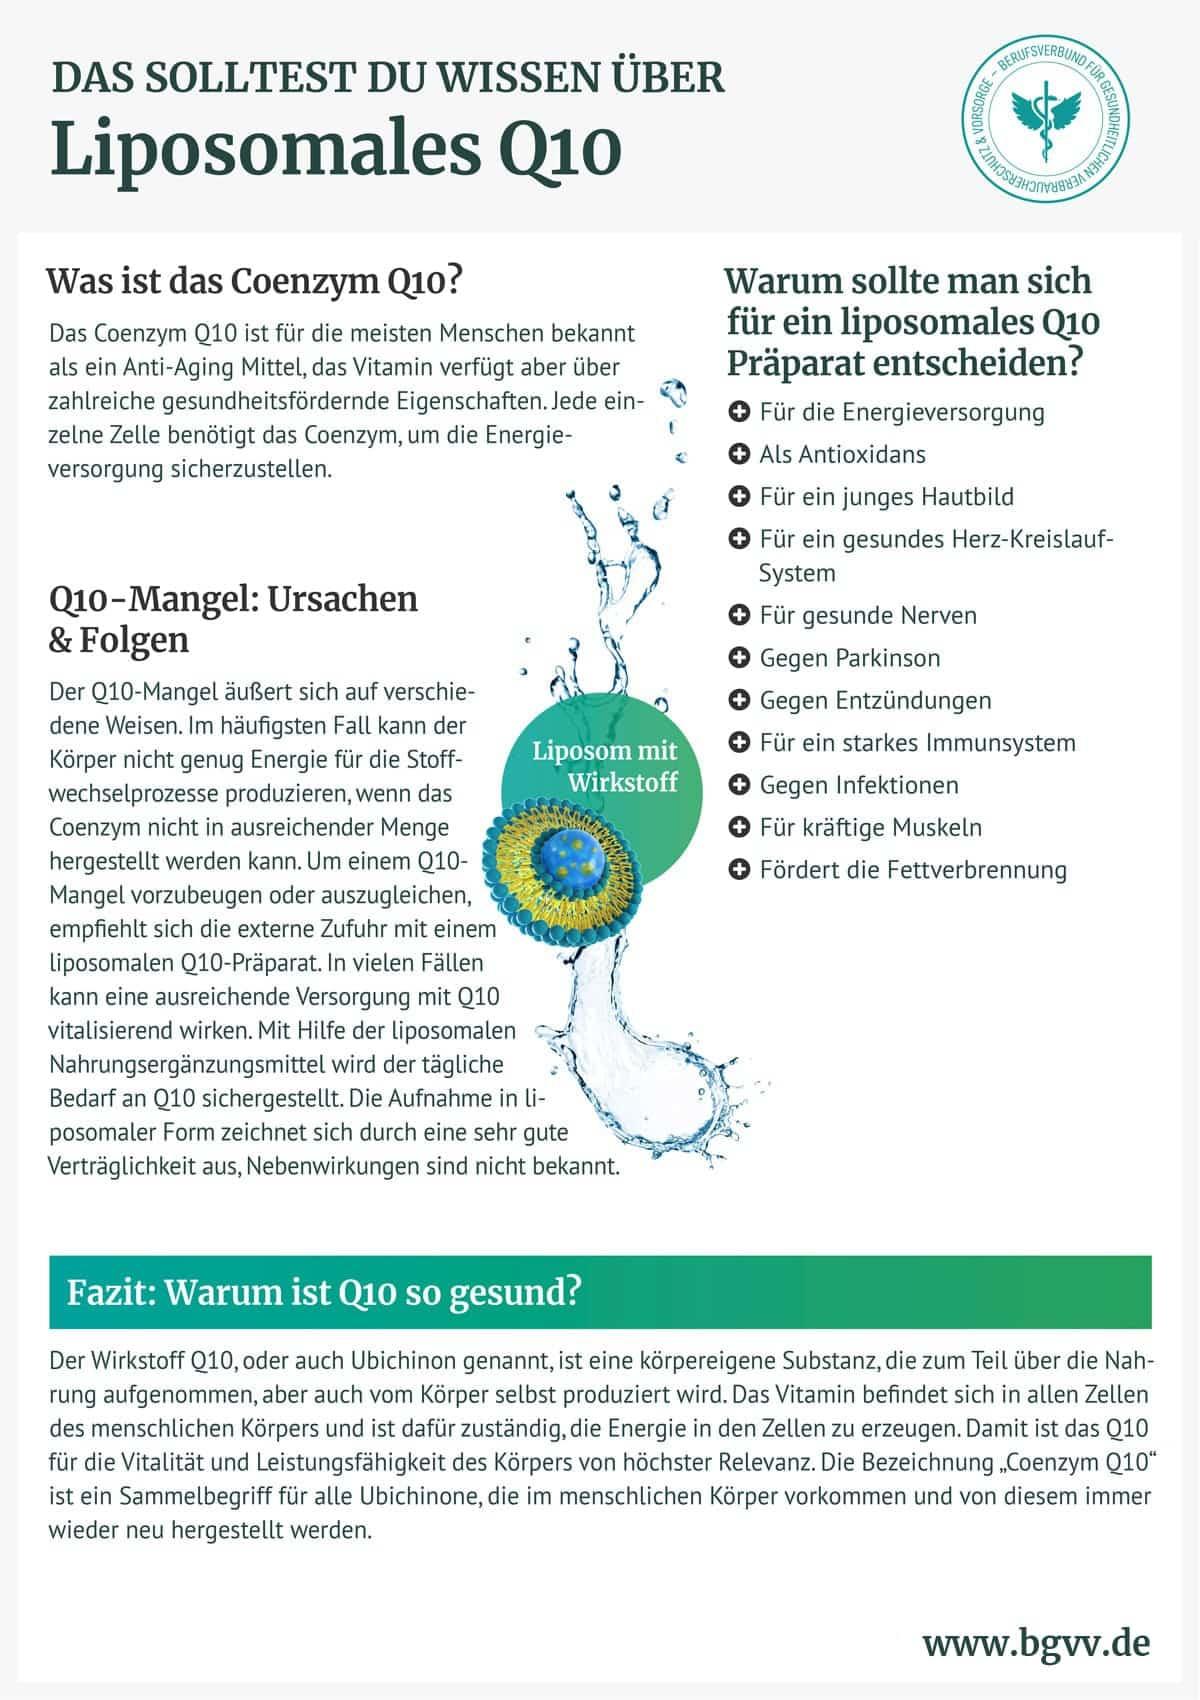 BGVV infografik Liposomales Q10